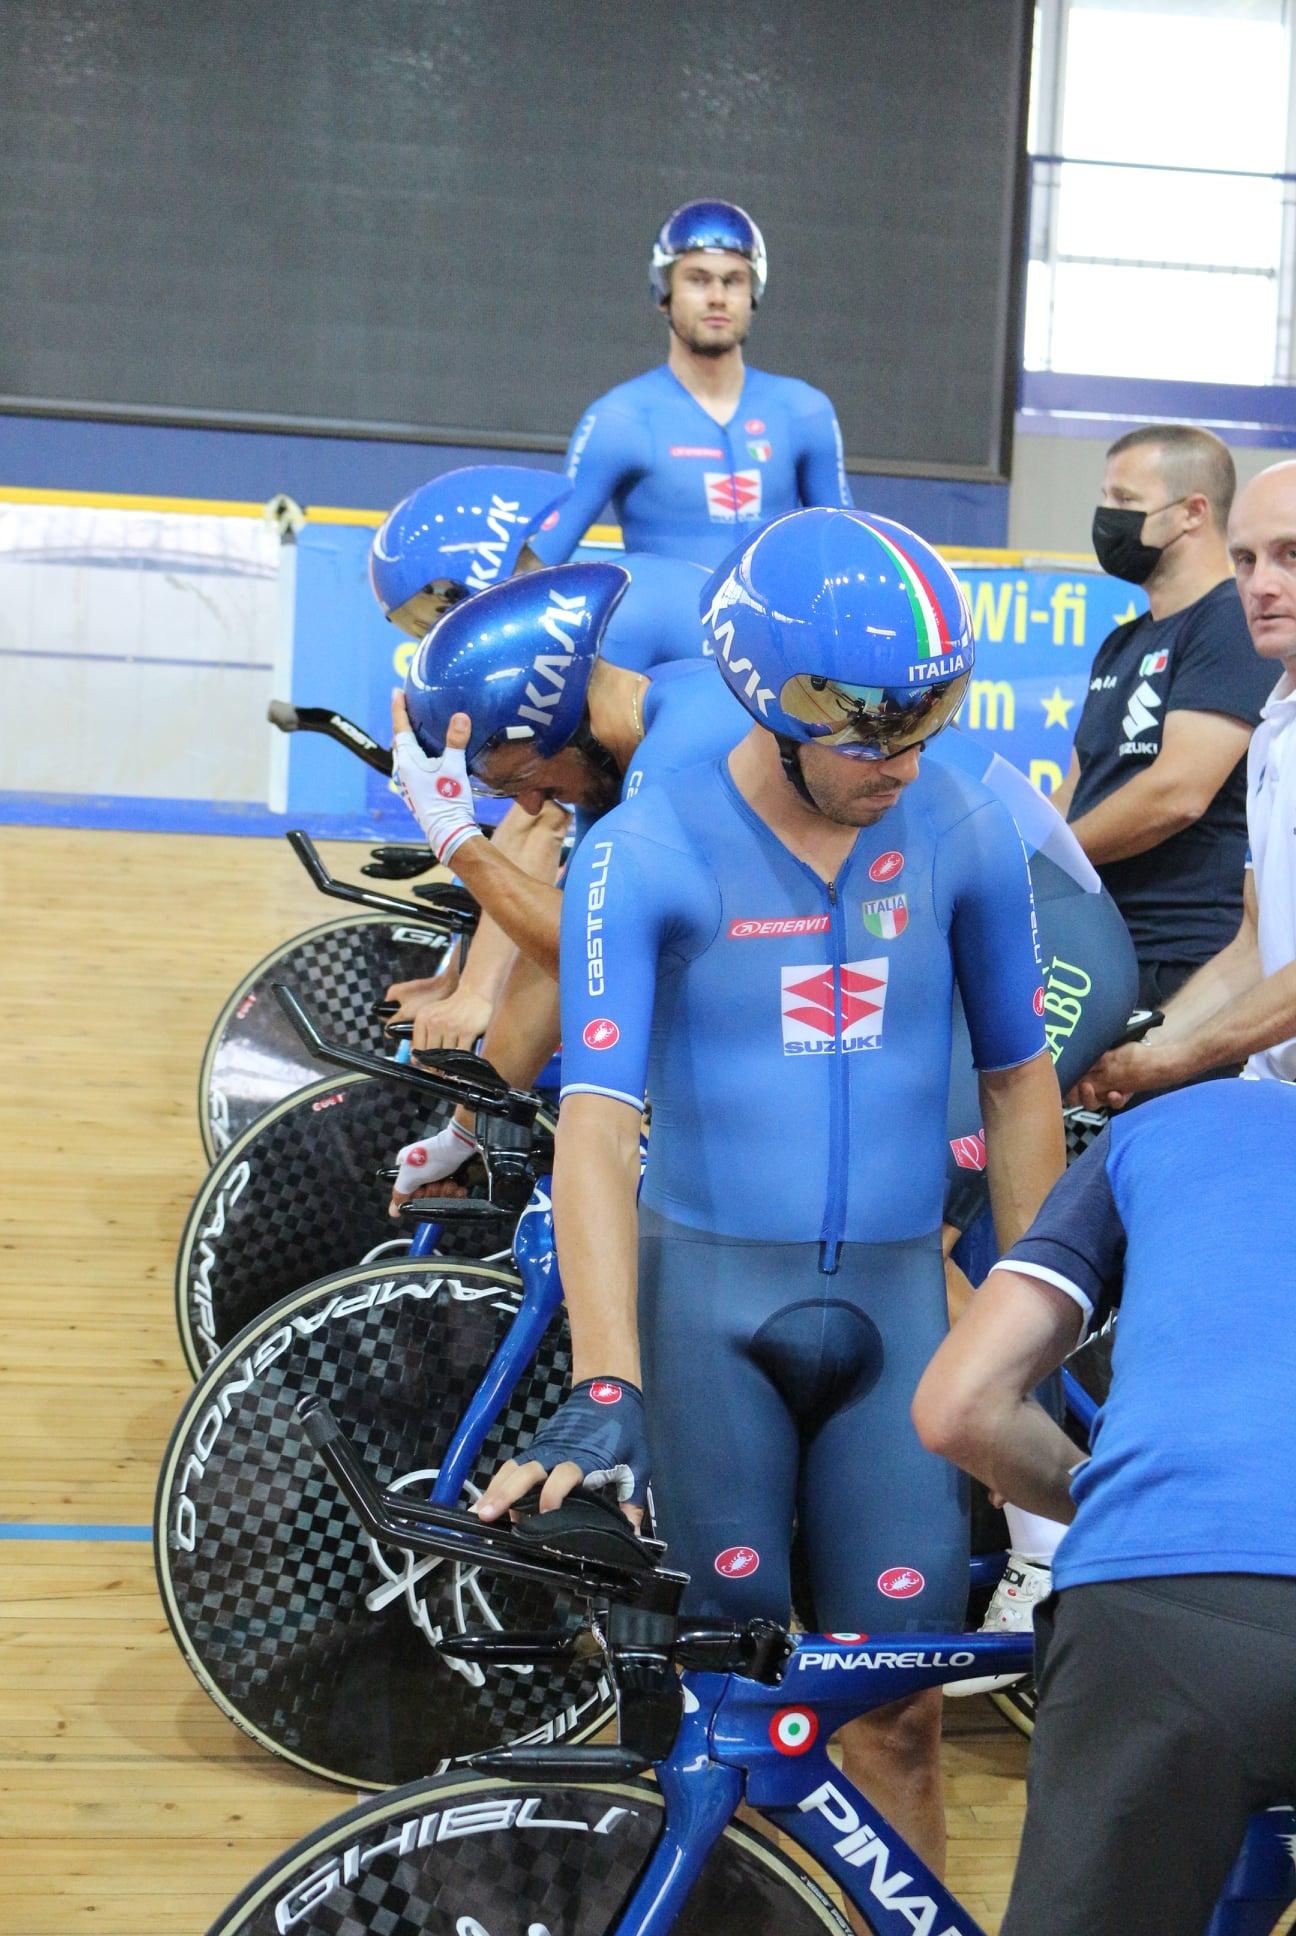 VIDEO Filippo Ganna e il quartetto 2° tempo al 1° turno dell'inseguimento a squadre: è semifinale alle Olimpiadi!